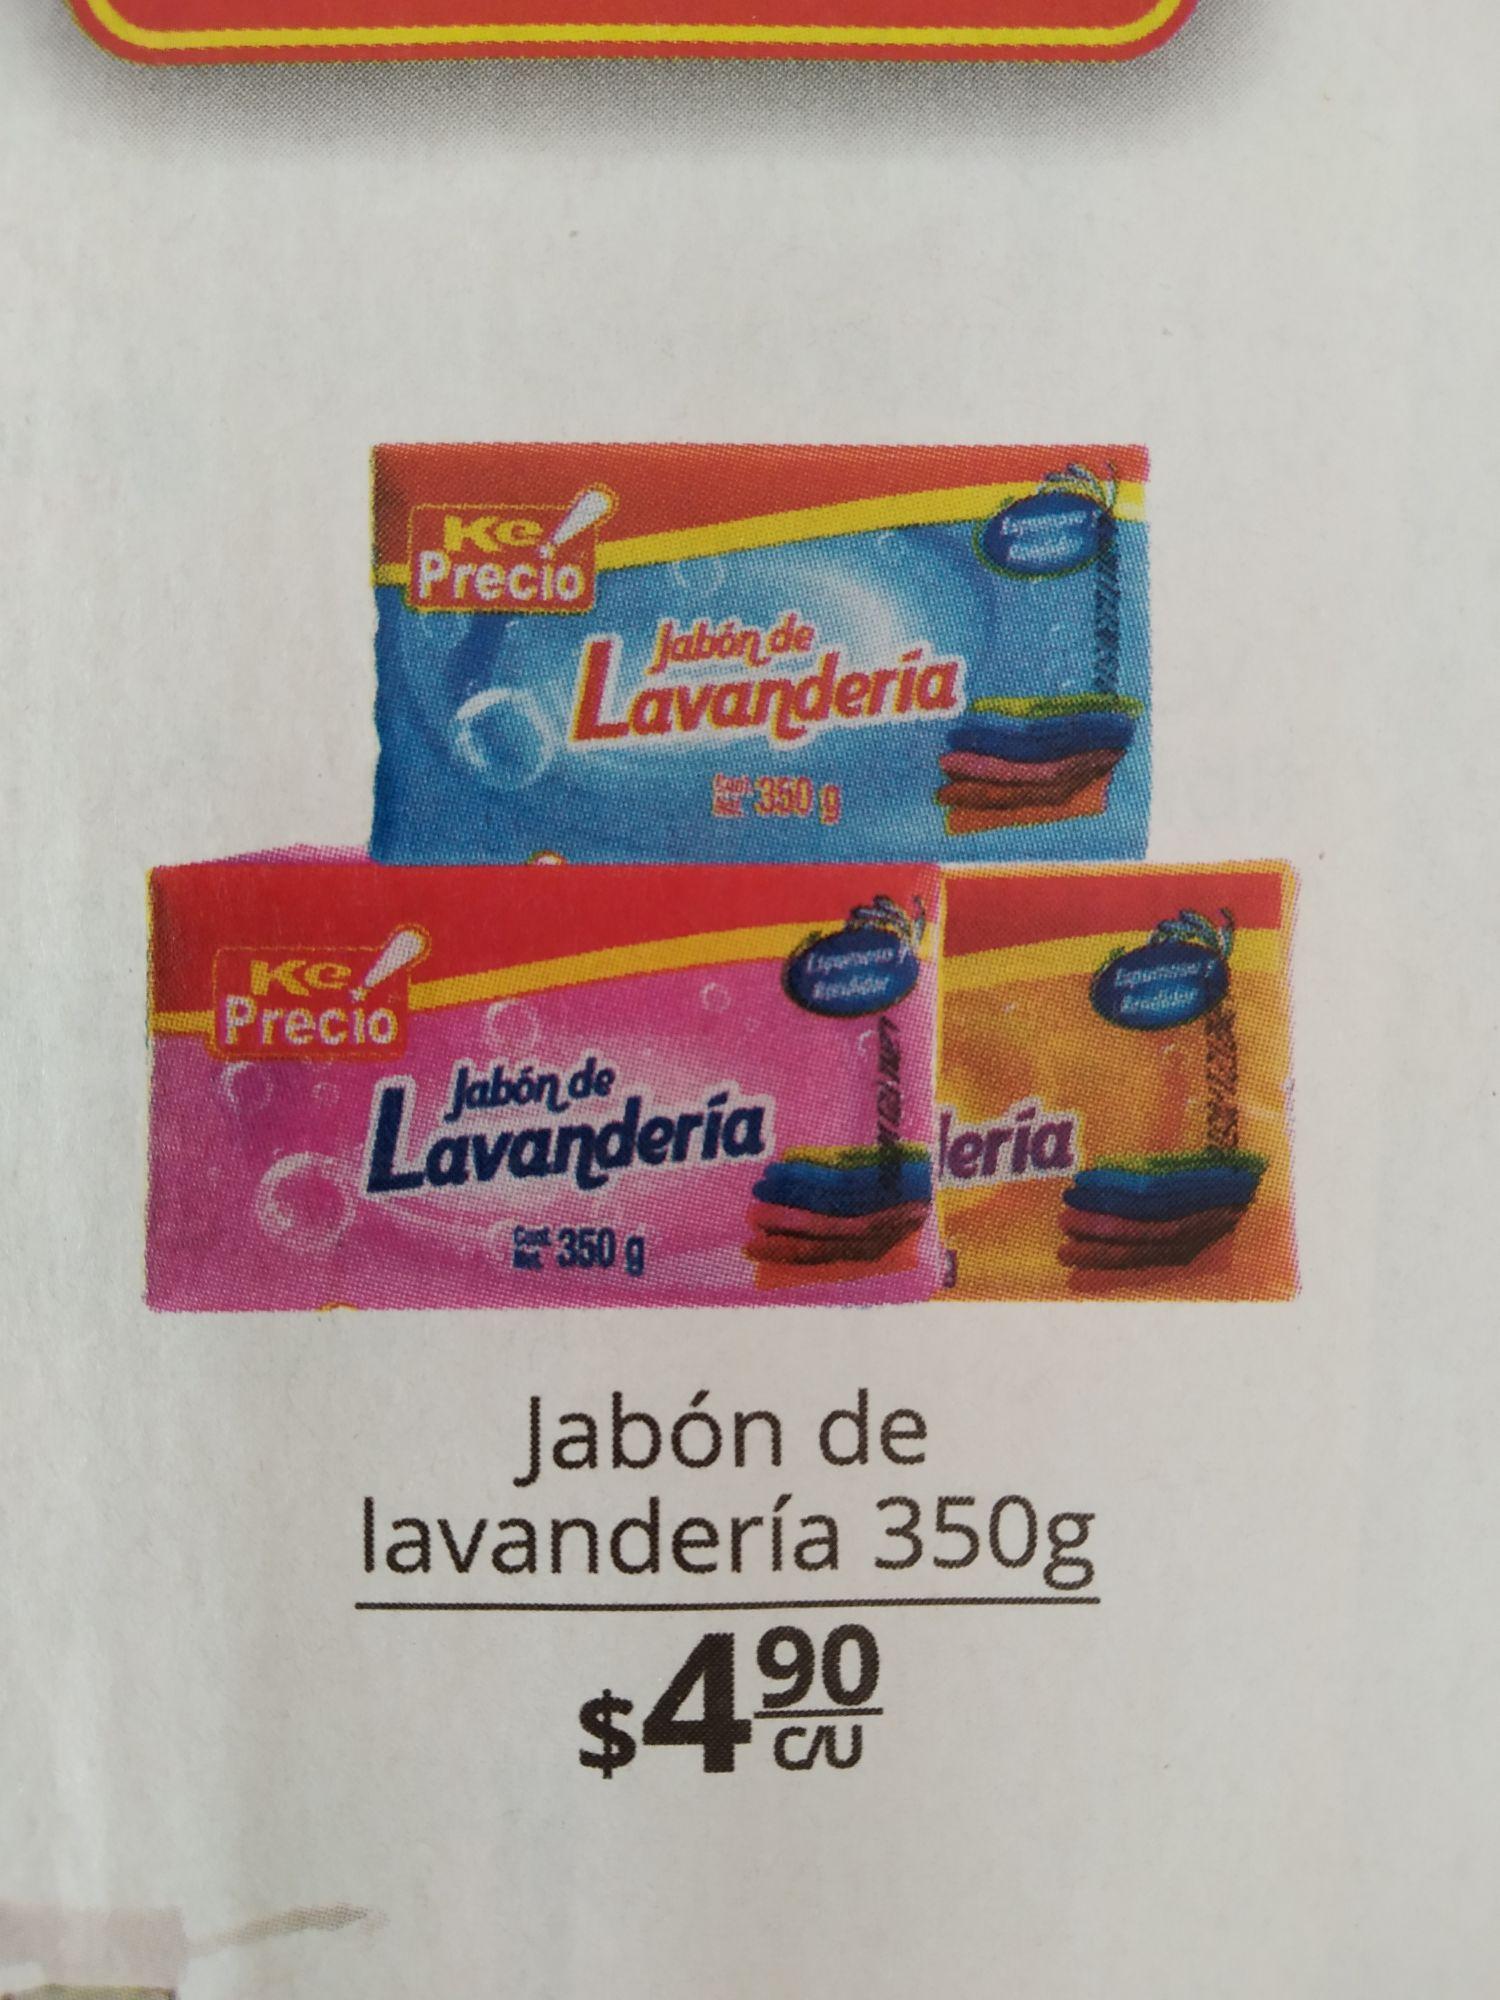 La Comer Querétaro Jabón de Lavandería Ke Precio